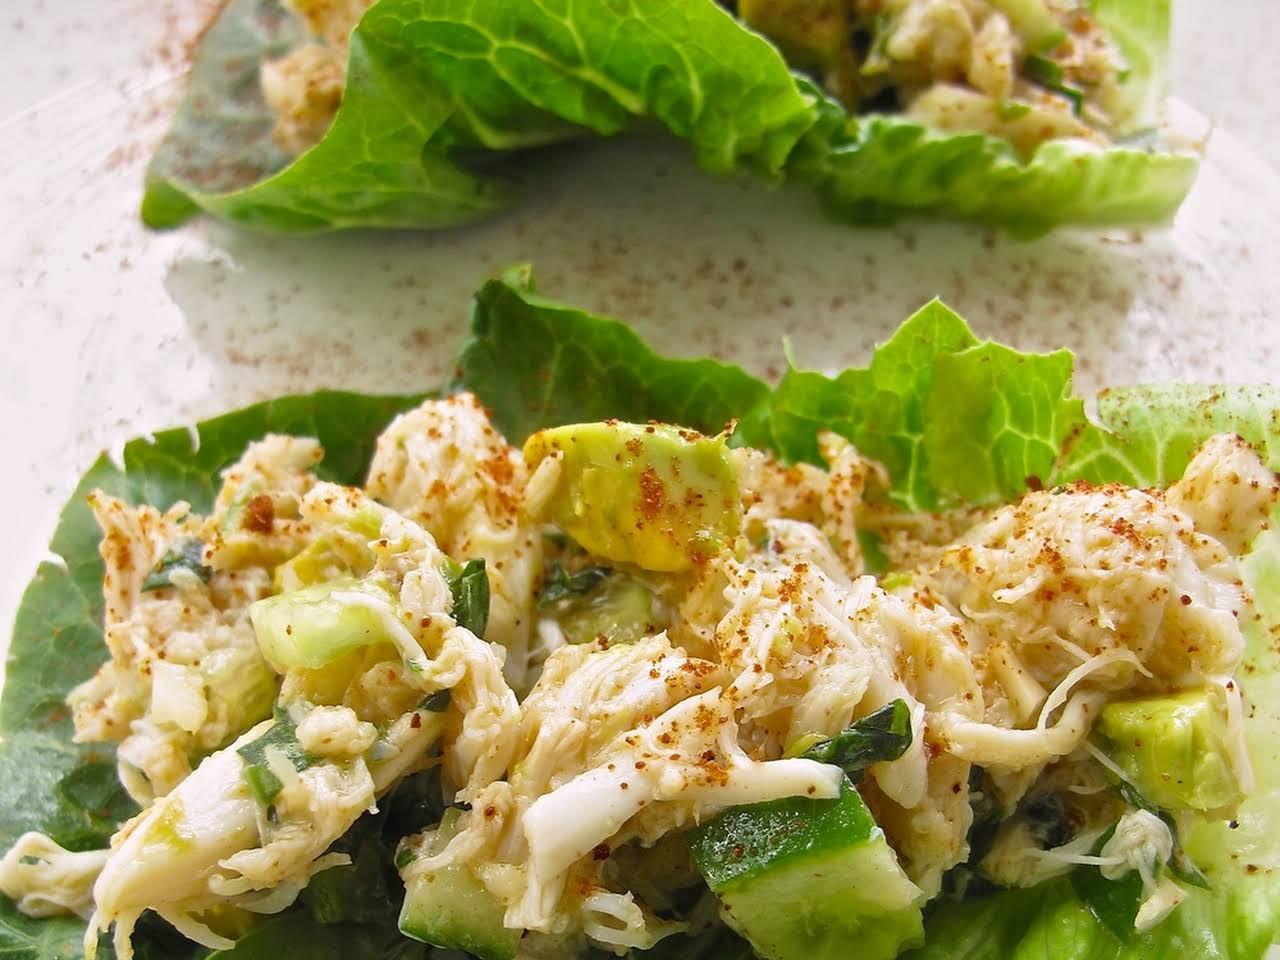 Crab Salad Recipes No Mayo